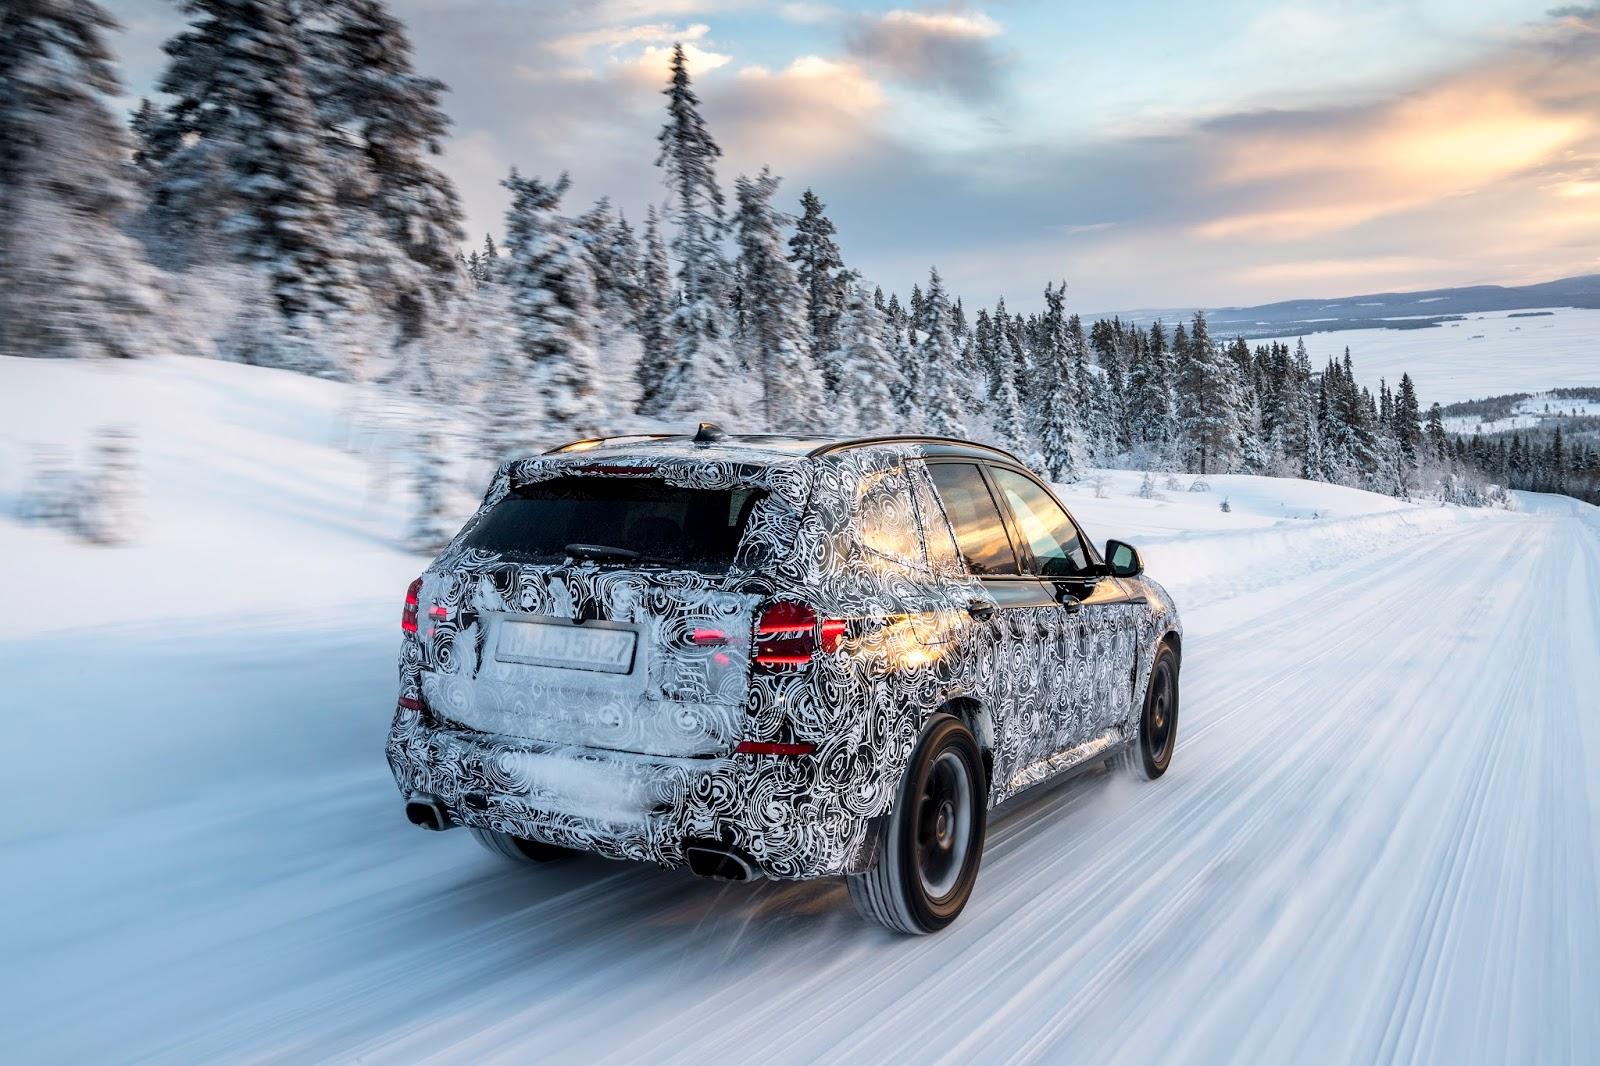 P90249828 highRes the new bmw x3 under Δοκιμές στην παγωμένη Βόρεια Σουηδία, για την επερχόμενη BMW X3 BMW, BMW X, BMW X3, SUV, videos